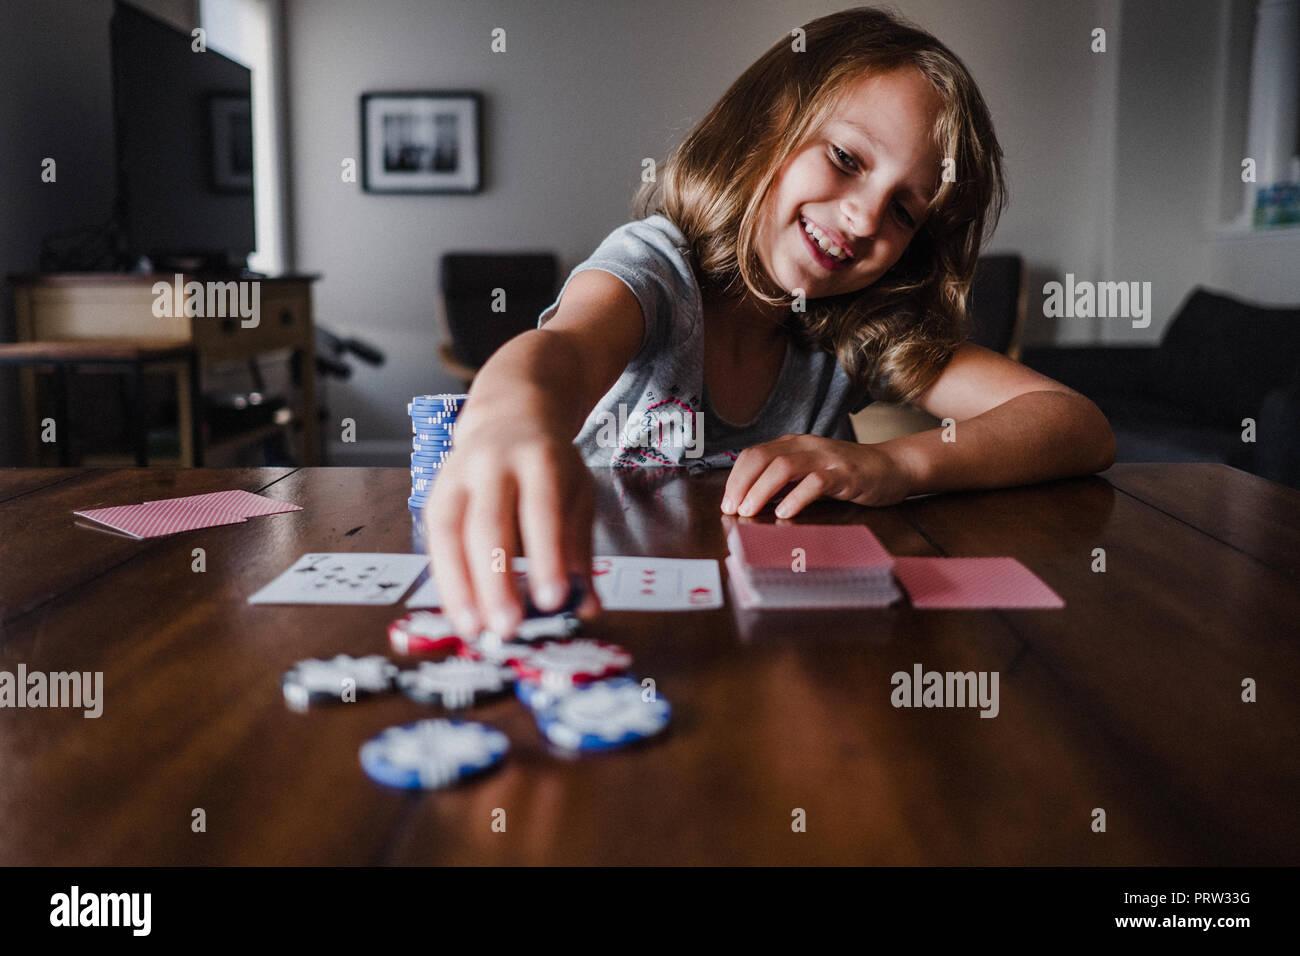 Cartes de jeu de fille à table, en plaçant des jetons Photo Stock